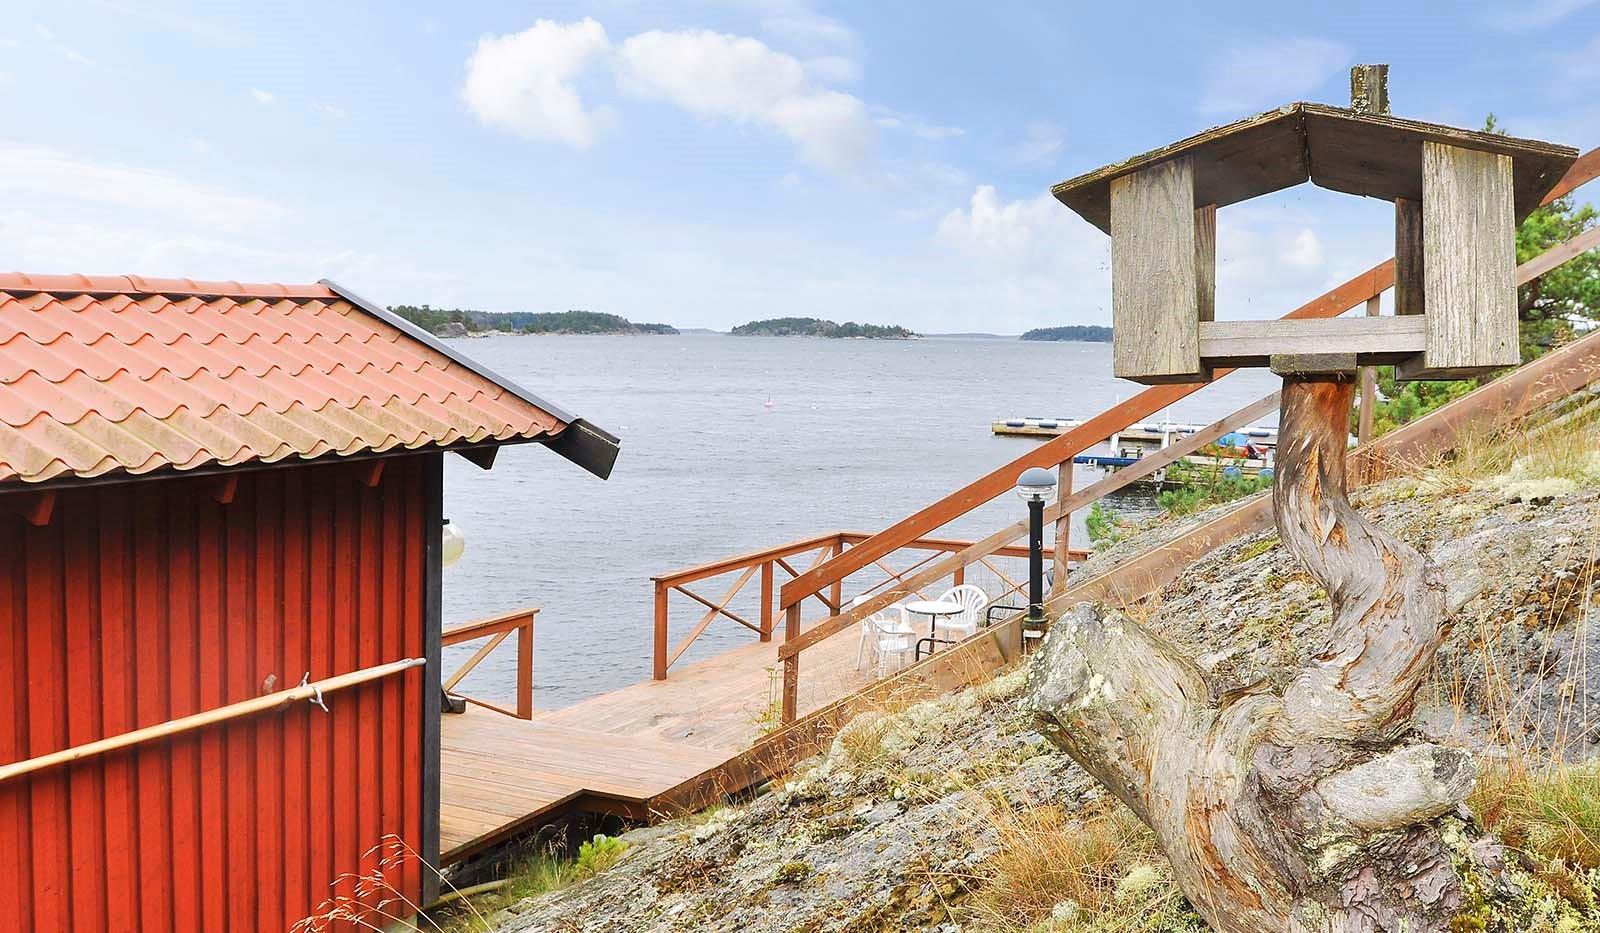 Smådalarö/ Kalvholmen/Gränö - Mat till havsörnen?